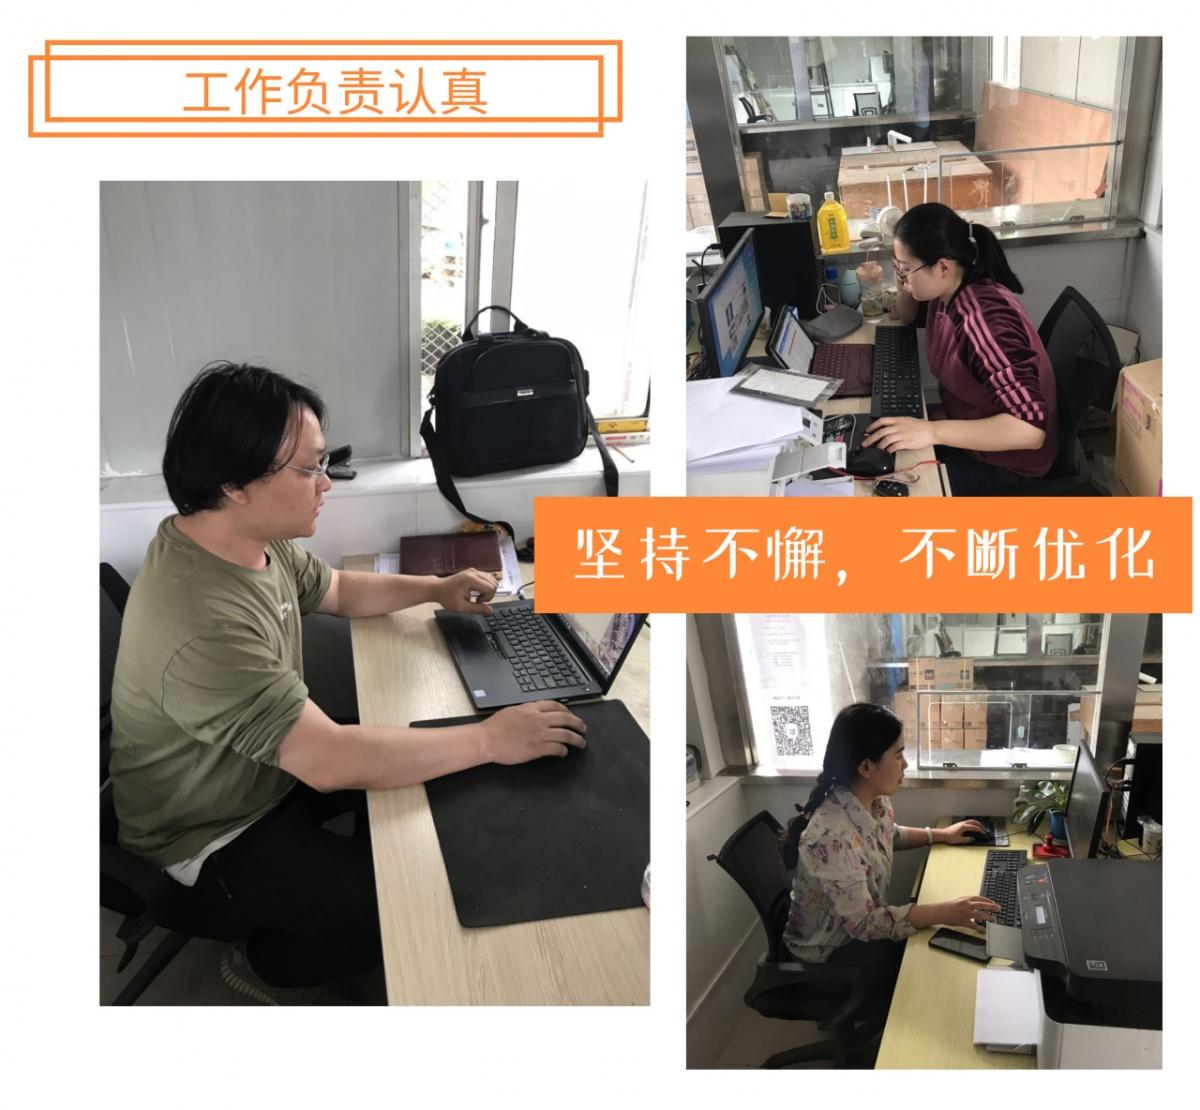 默认标题_微信朋友圈_2019.05.15 (1).jpg